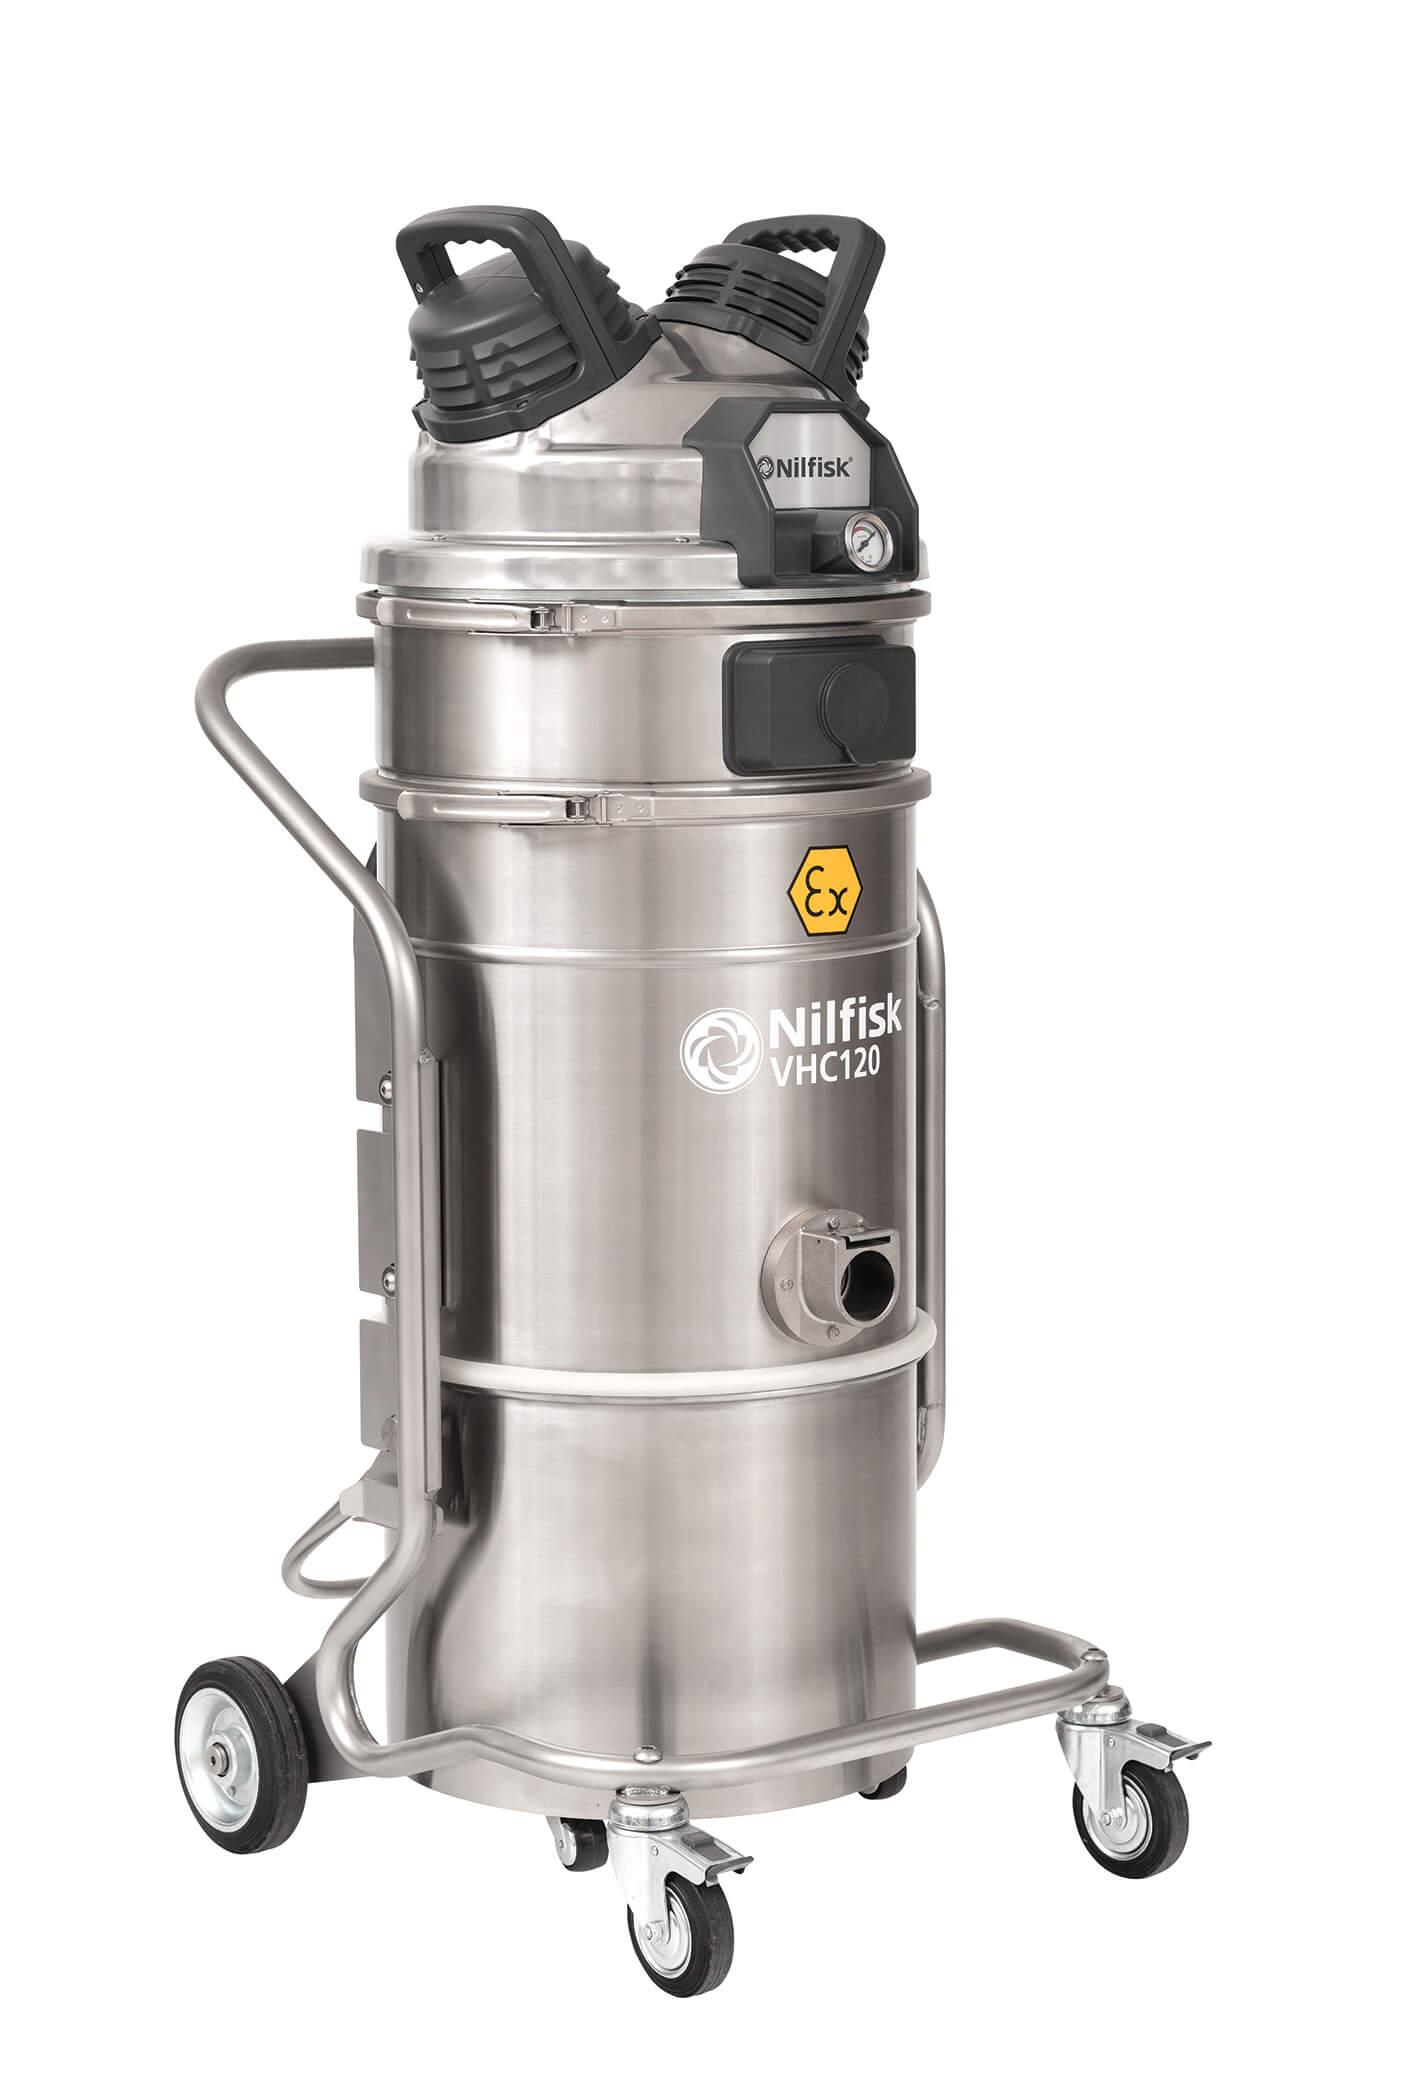 VHC120 EXP Industrial Vacuum